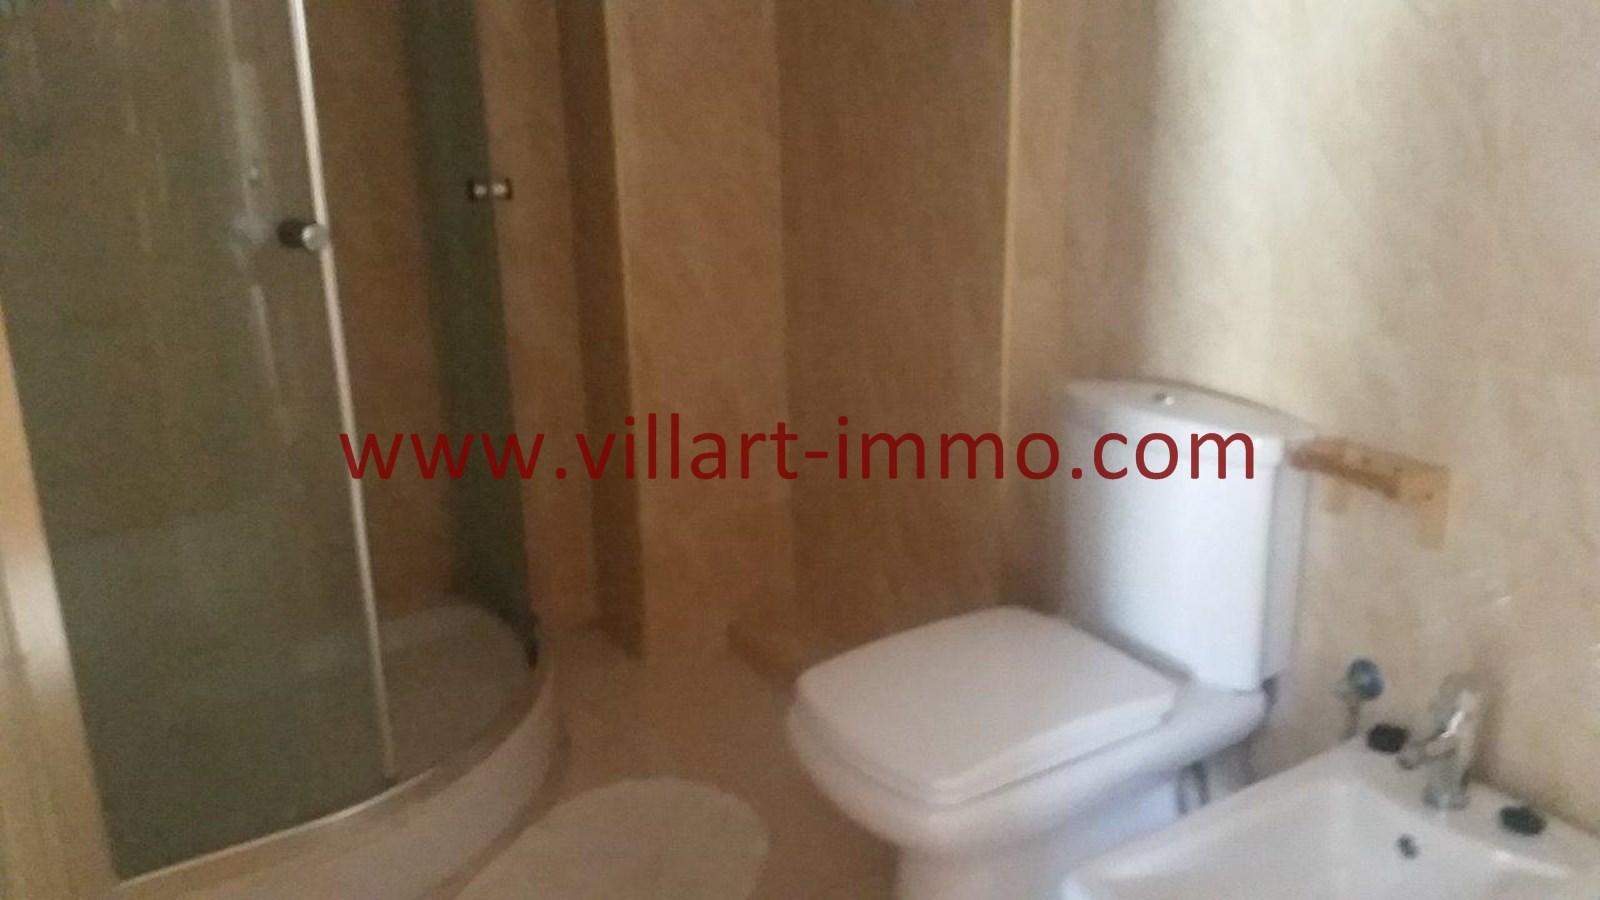 9-A vendre-Appartement-Tanger-Iberia-VA613-Villart immo